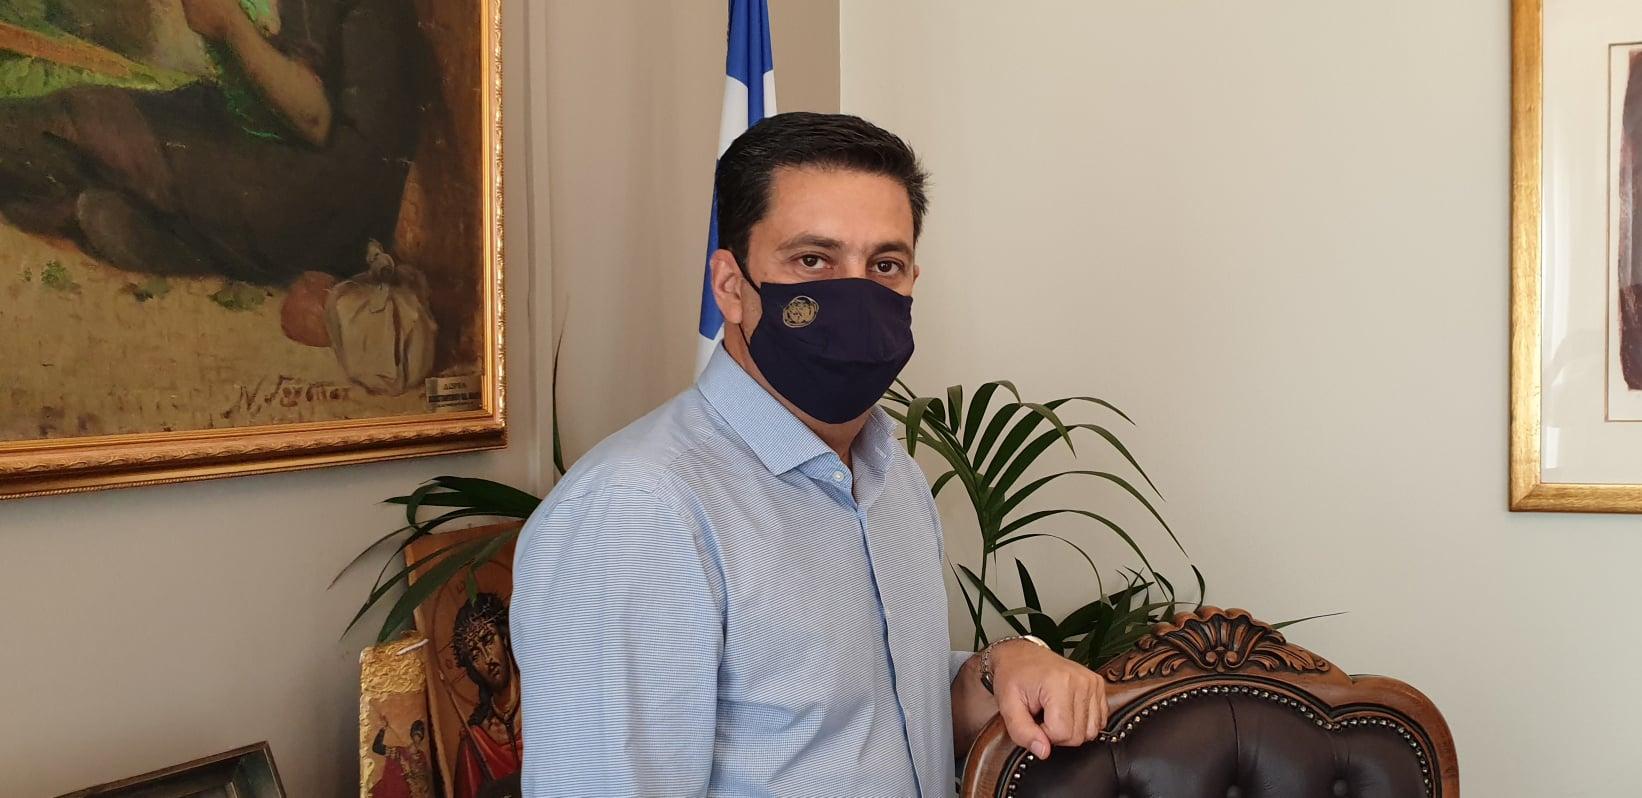 Δήμαρχος Αγρινίου: Τιμούμε τον Πολιούχο Άγιο Χριστόφορο με κατάνυξη και αυστηρή τήρηση των μέτρων